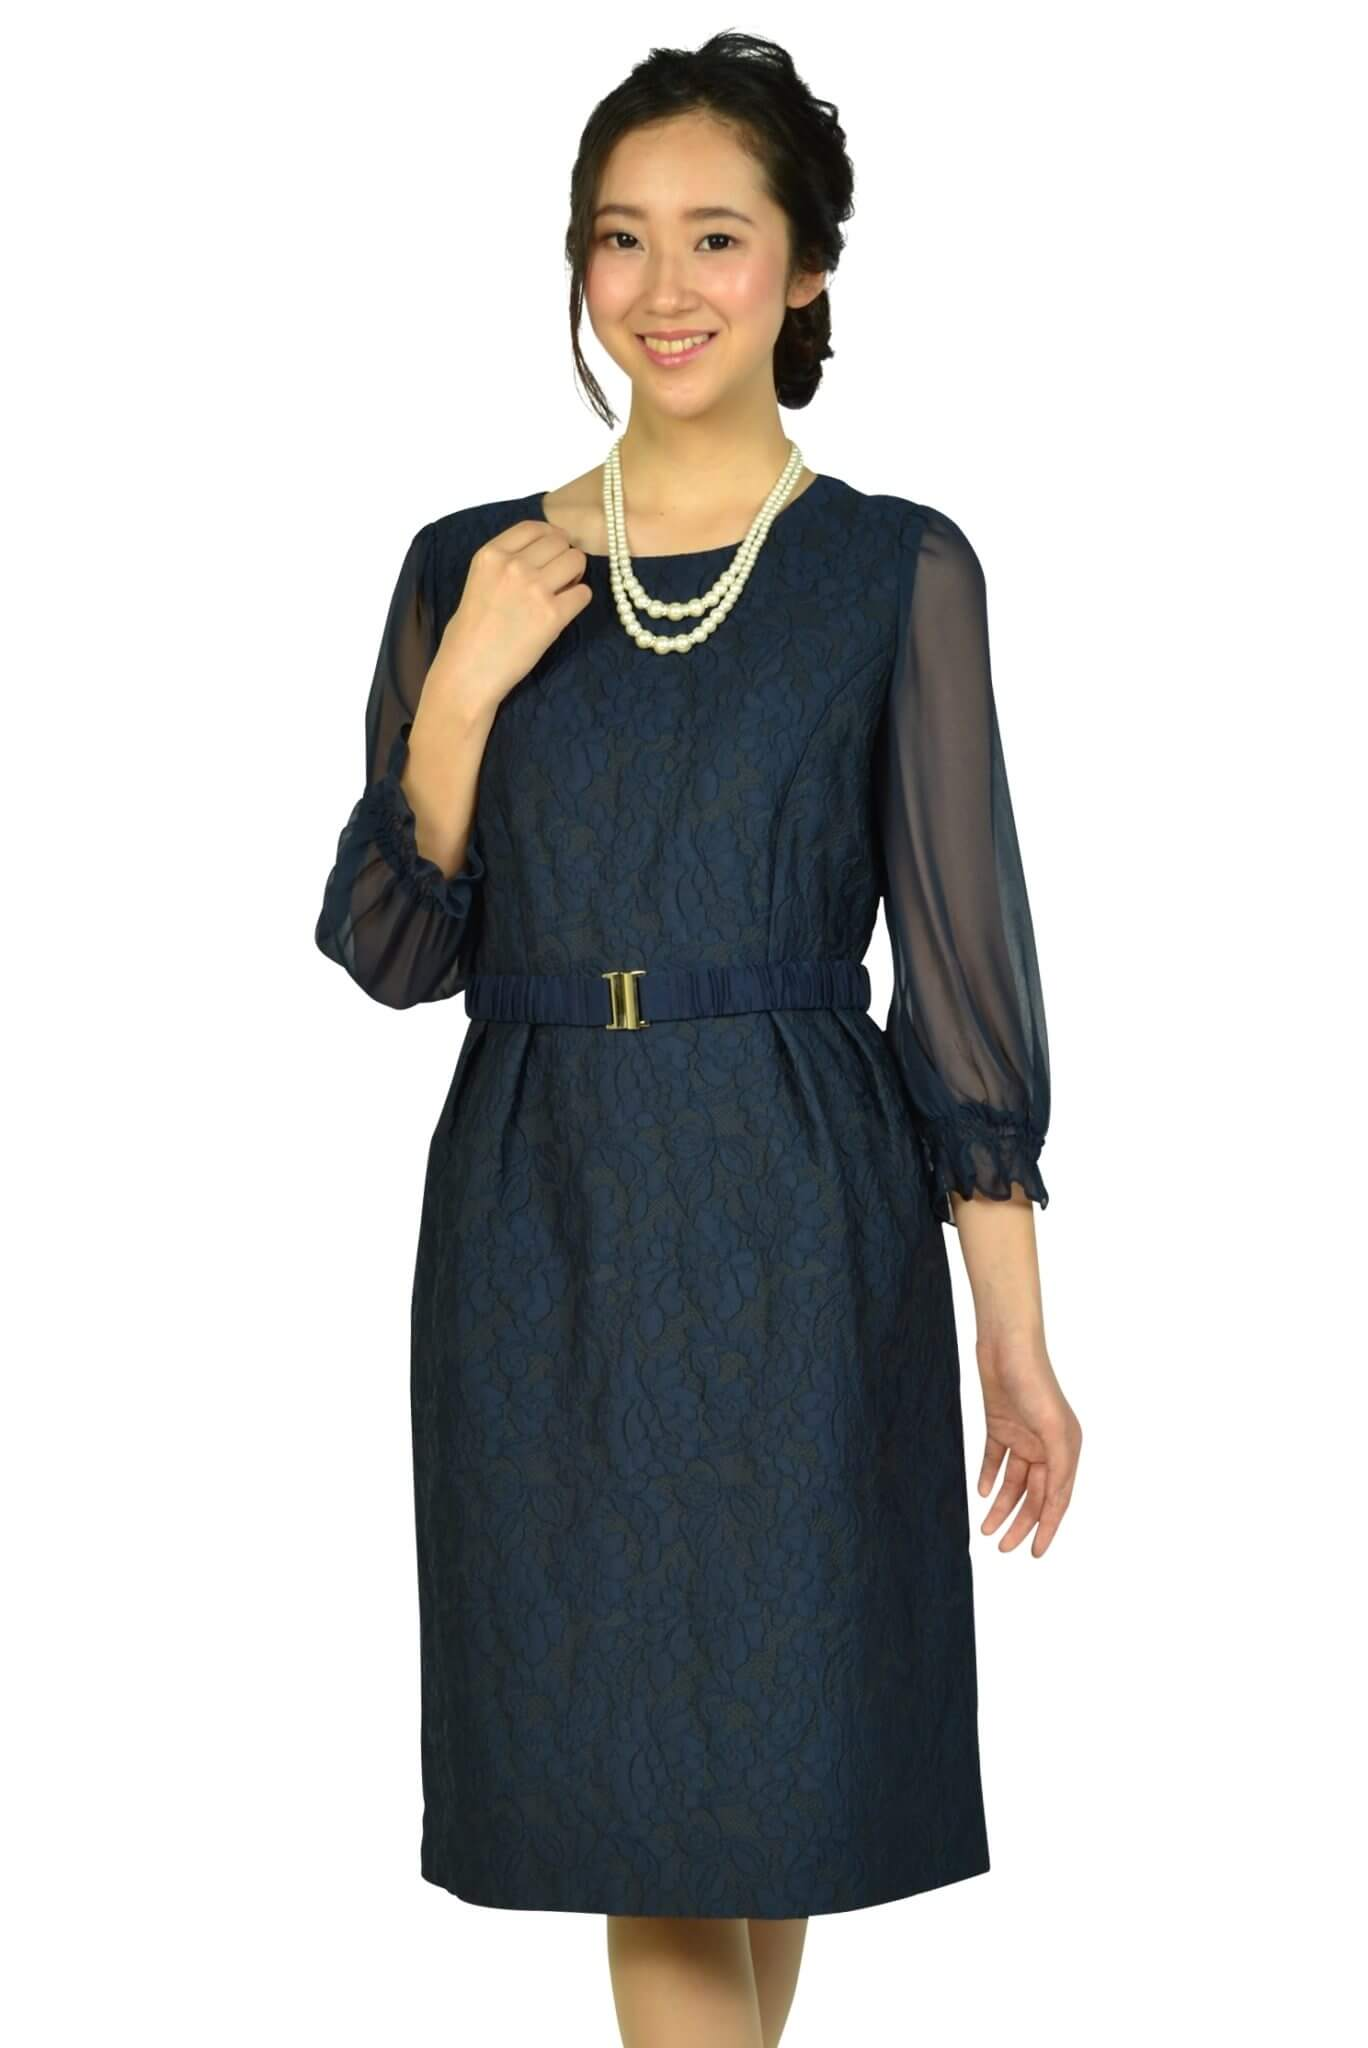 クミキョクプリエ (組曲プリエ)シフォン袖ネイビーレースドレス